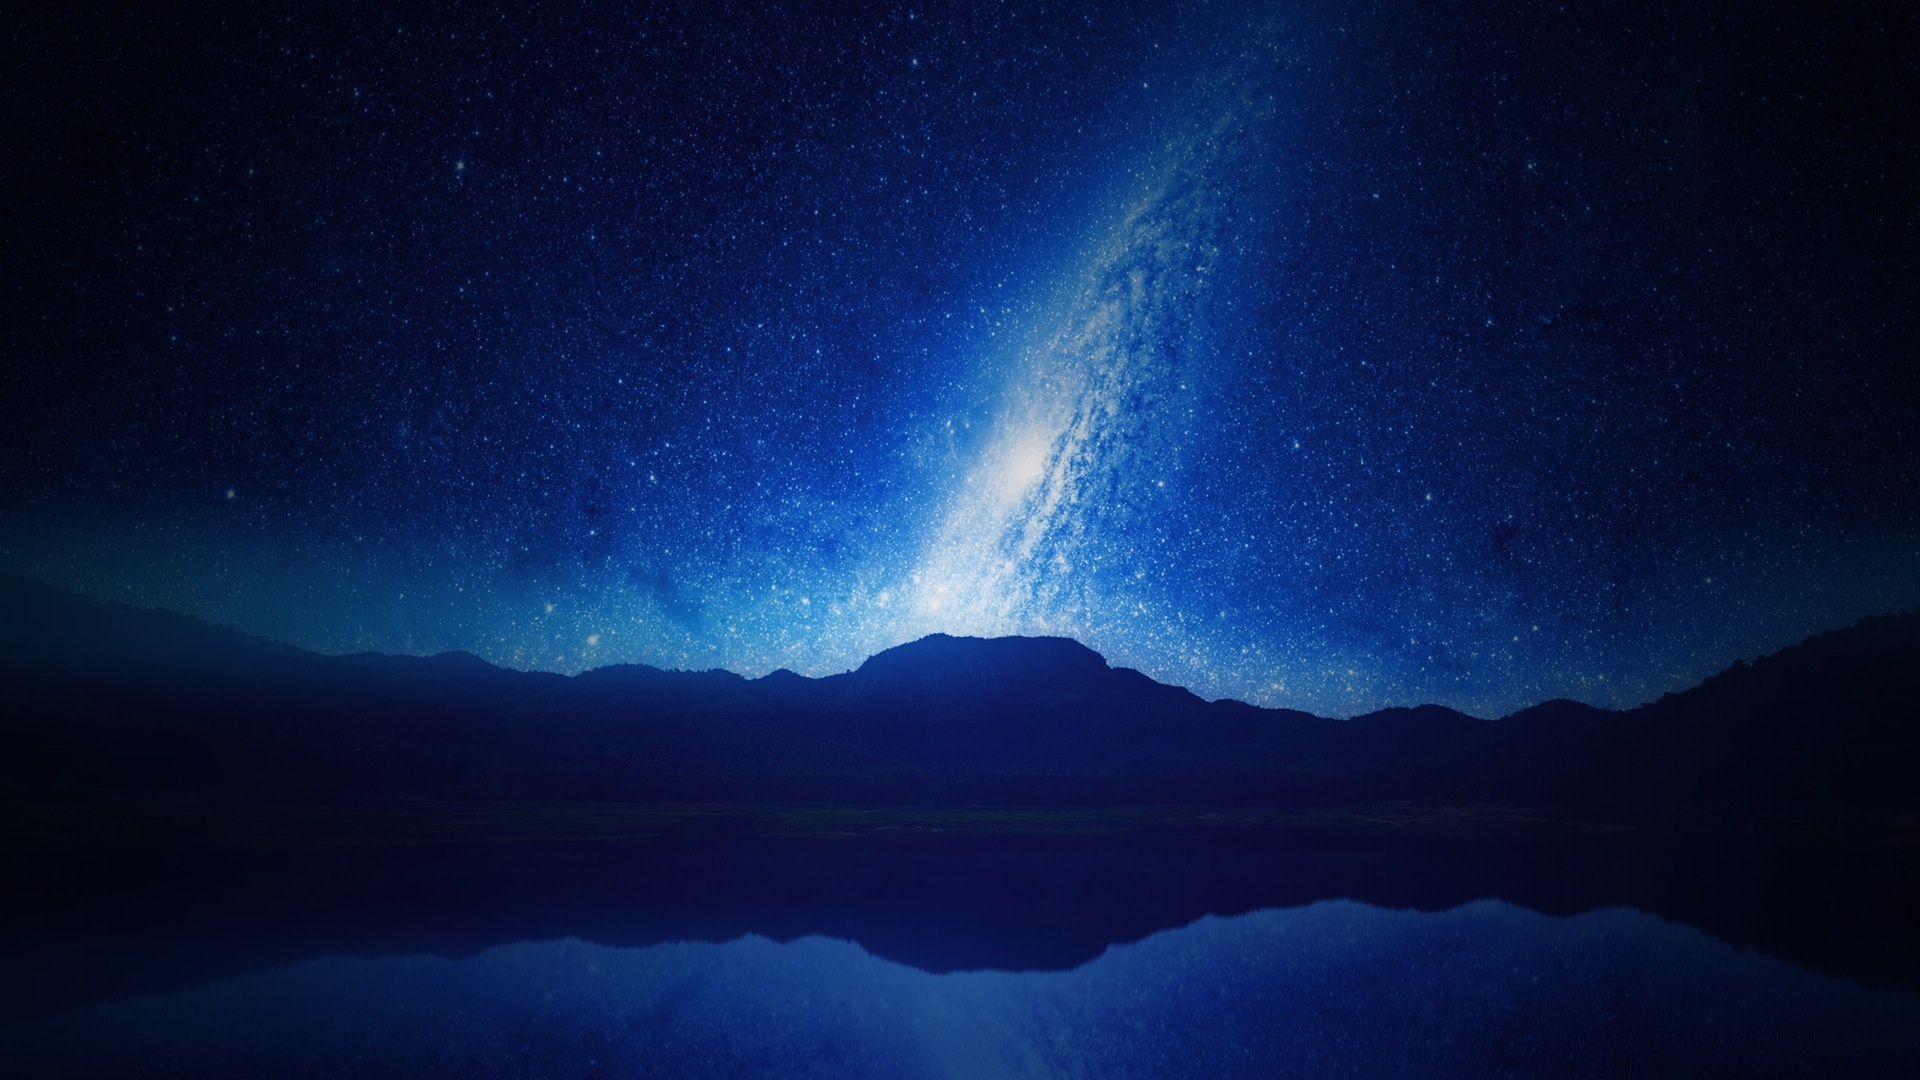 Sky, nuit, Star, montagnes, firmament, Galaxy, voie lactée - Fonds d'écran HD - Professor-falken.com